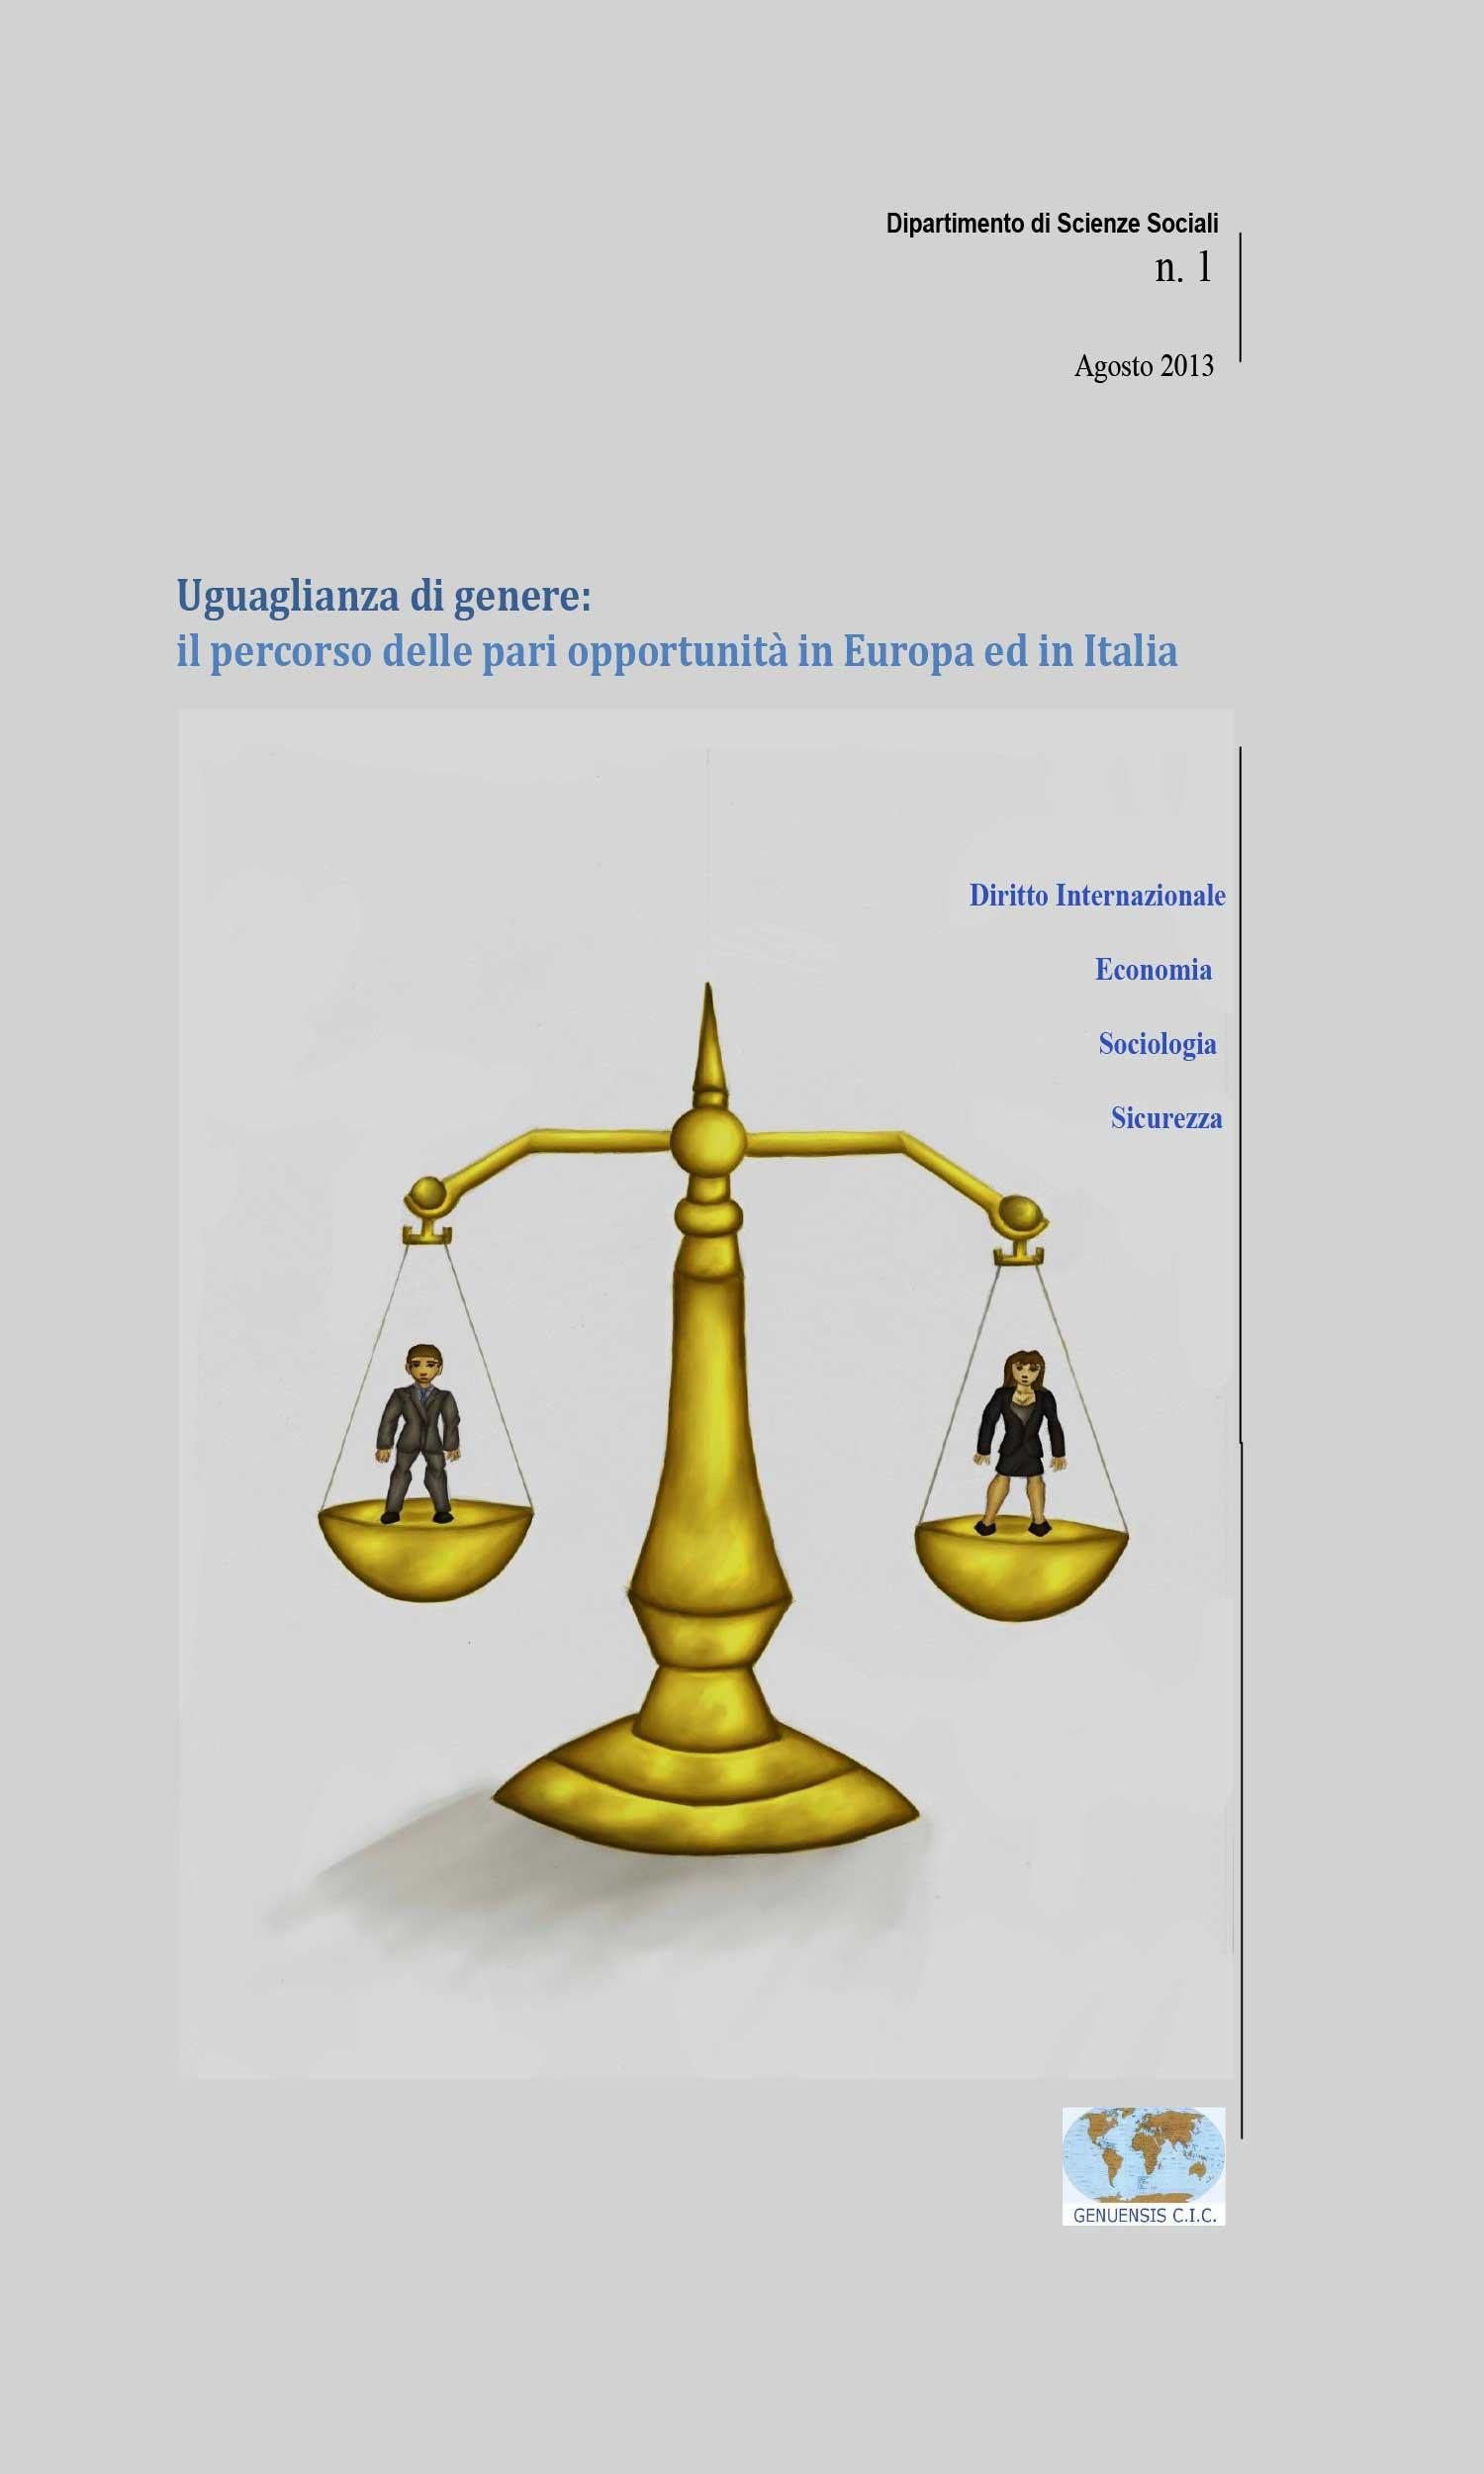 Uguaglianza di genere: Il percorso delle pari opportunità in Europa ed in Italia